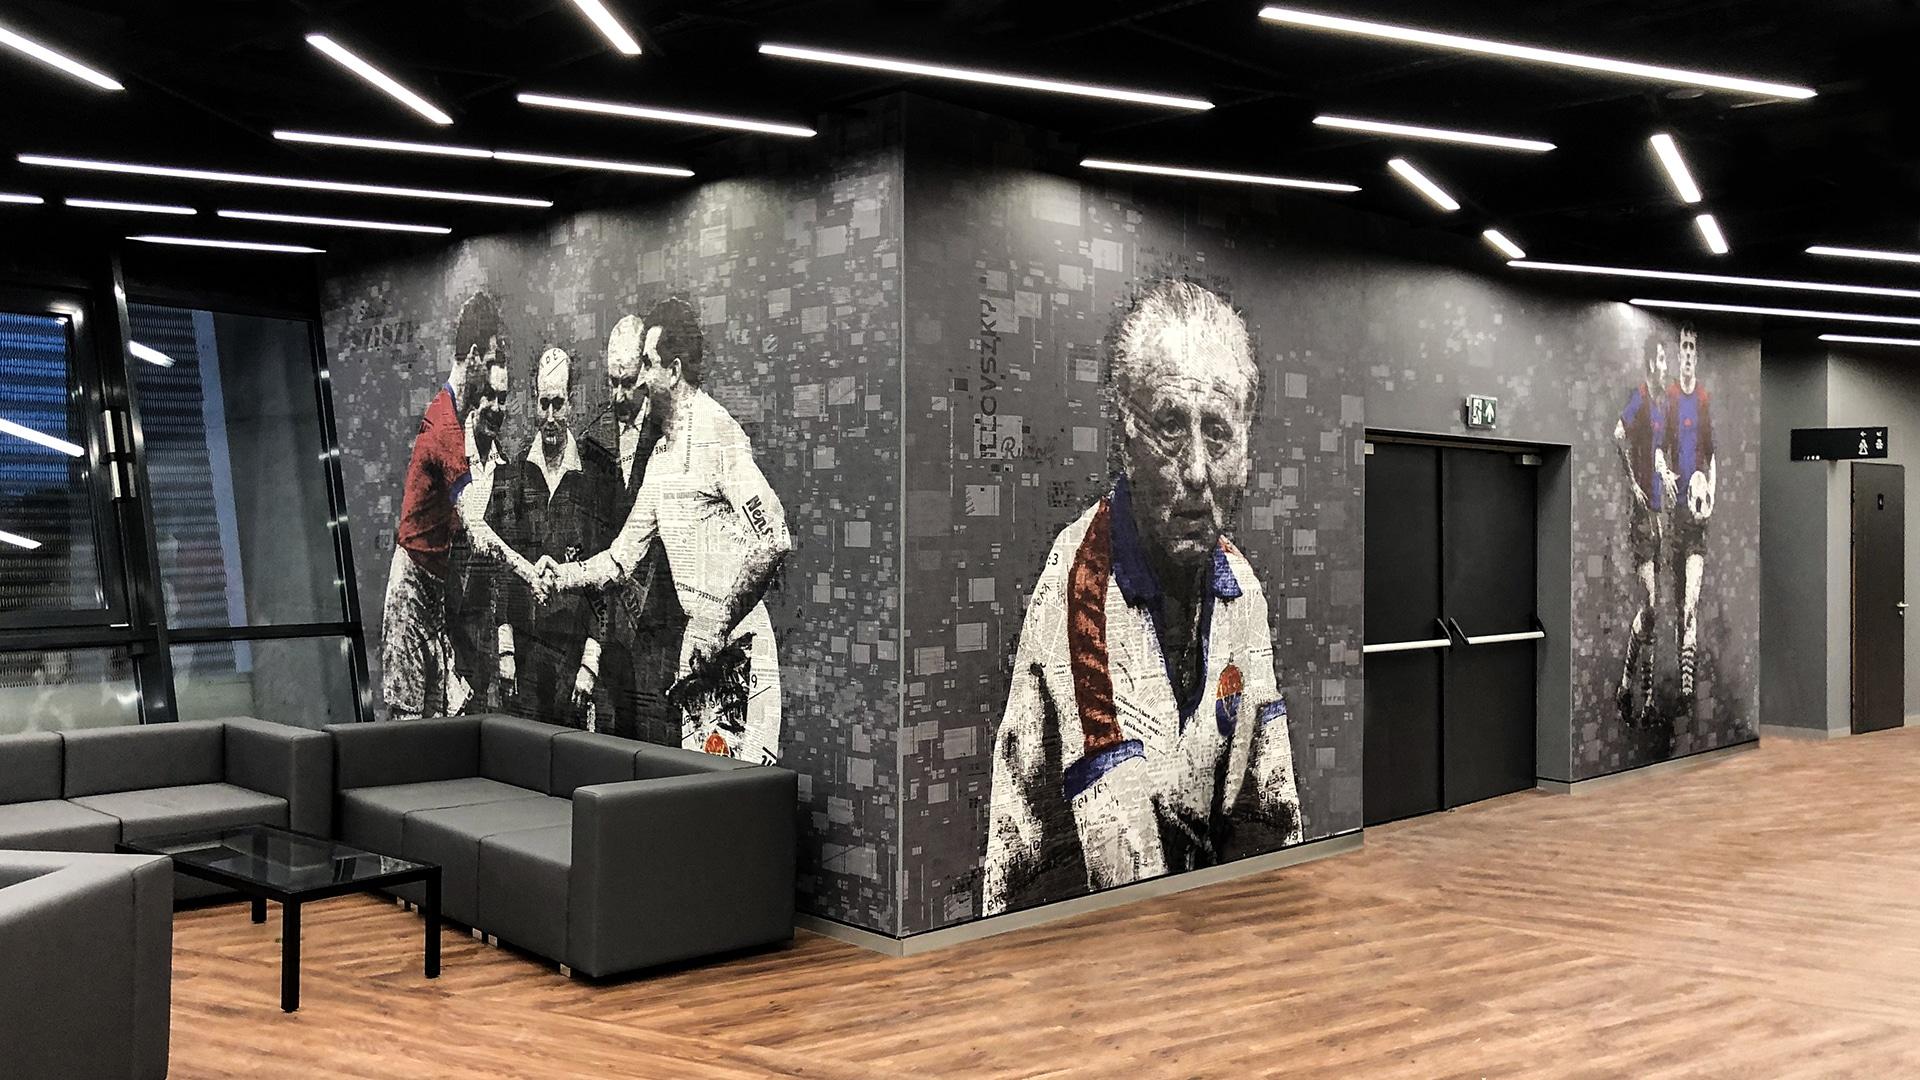 Egy kép a VIP páholyból kényelmes szürke ülőgarnitúrával, prémium fekete-üveg dohányzóasztallal és látványos, nyomtatott tapétával a falakon. A fekete, fehér, szürke, vörös és kék színekkel nyomtatott egész falat betöltő tapéta jeleneteket és portrékat ábrázol a magyar foci történetéből egy újságcikkekből összeállított kollázs formájában.